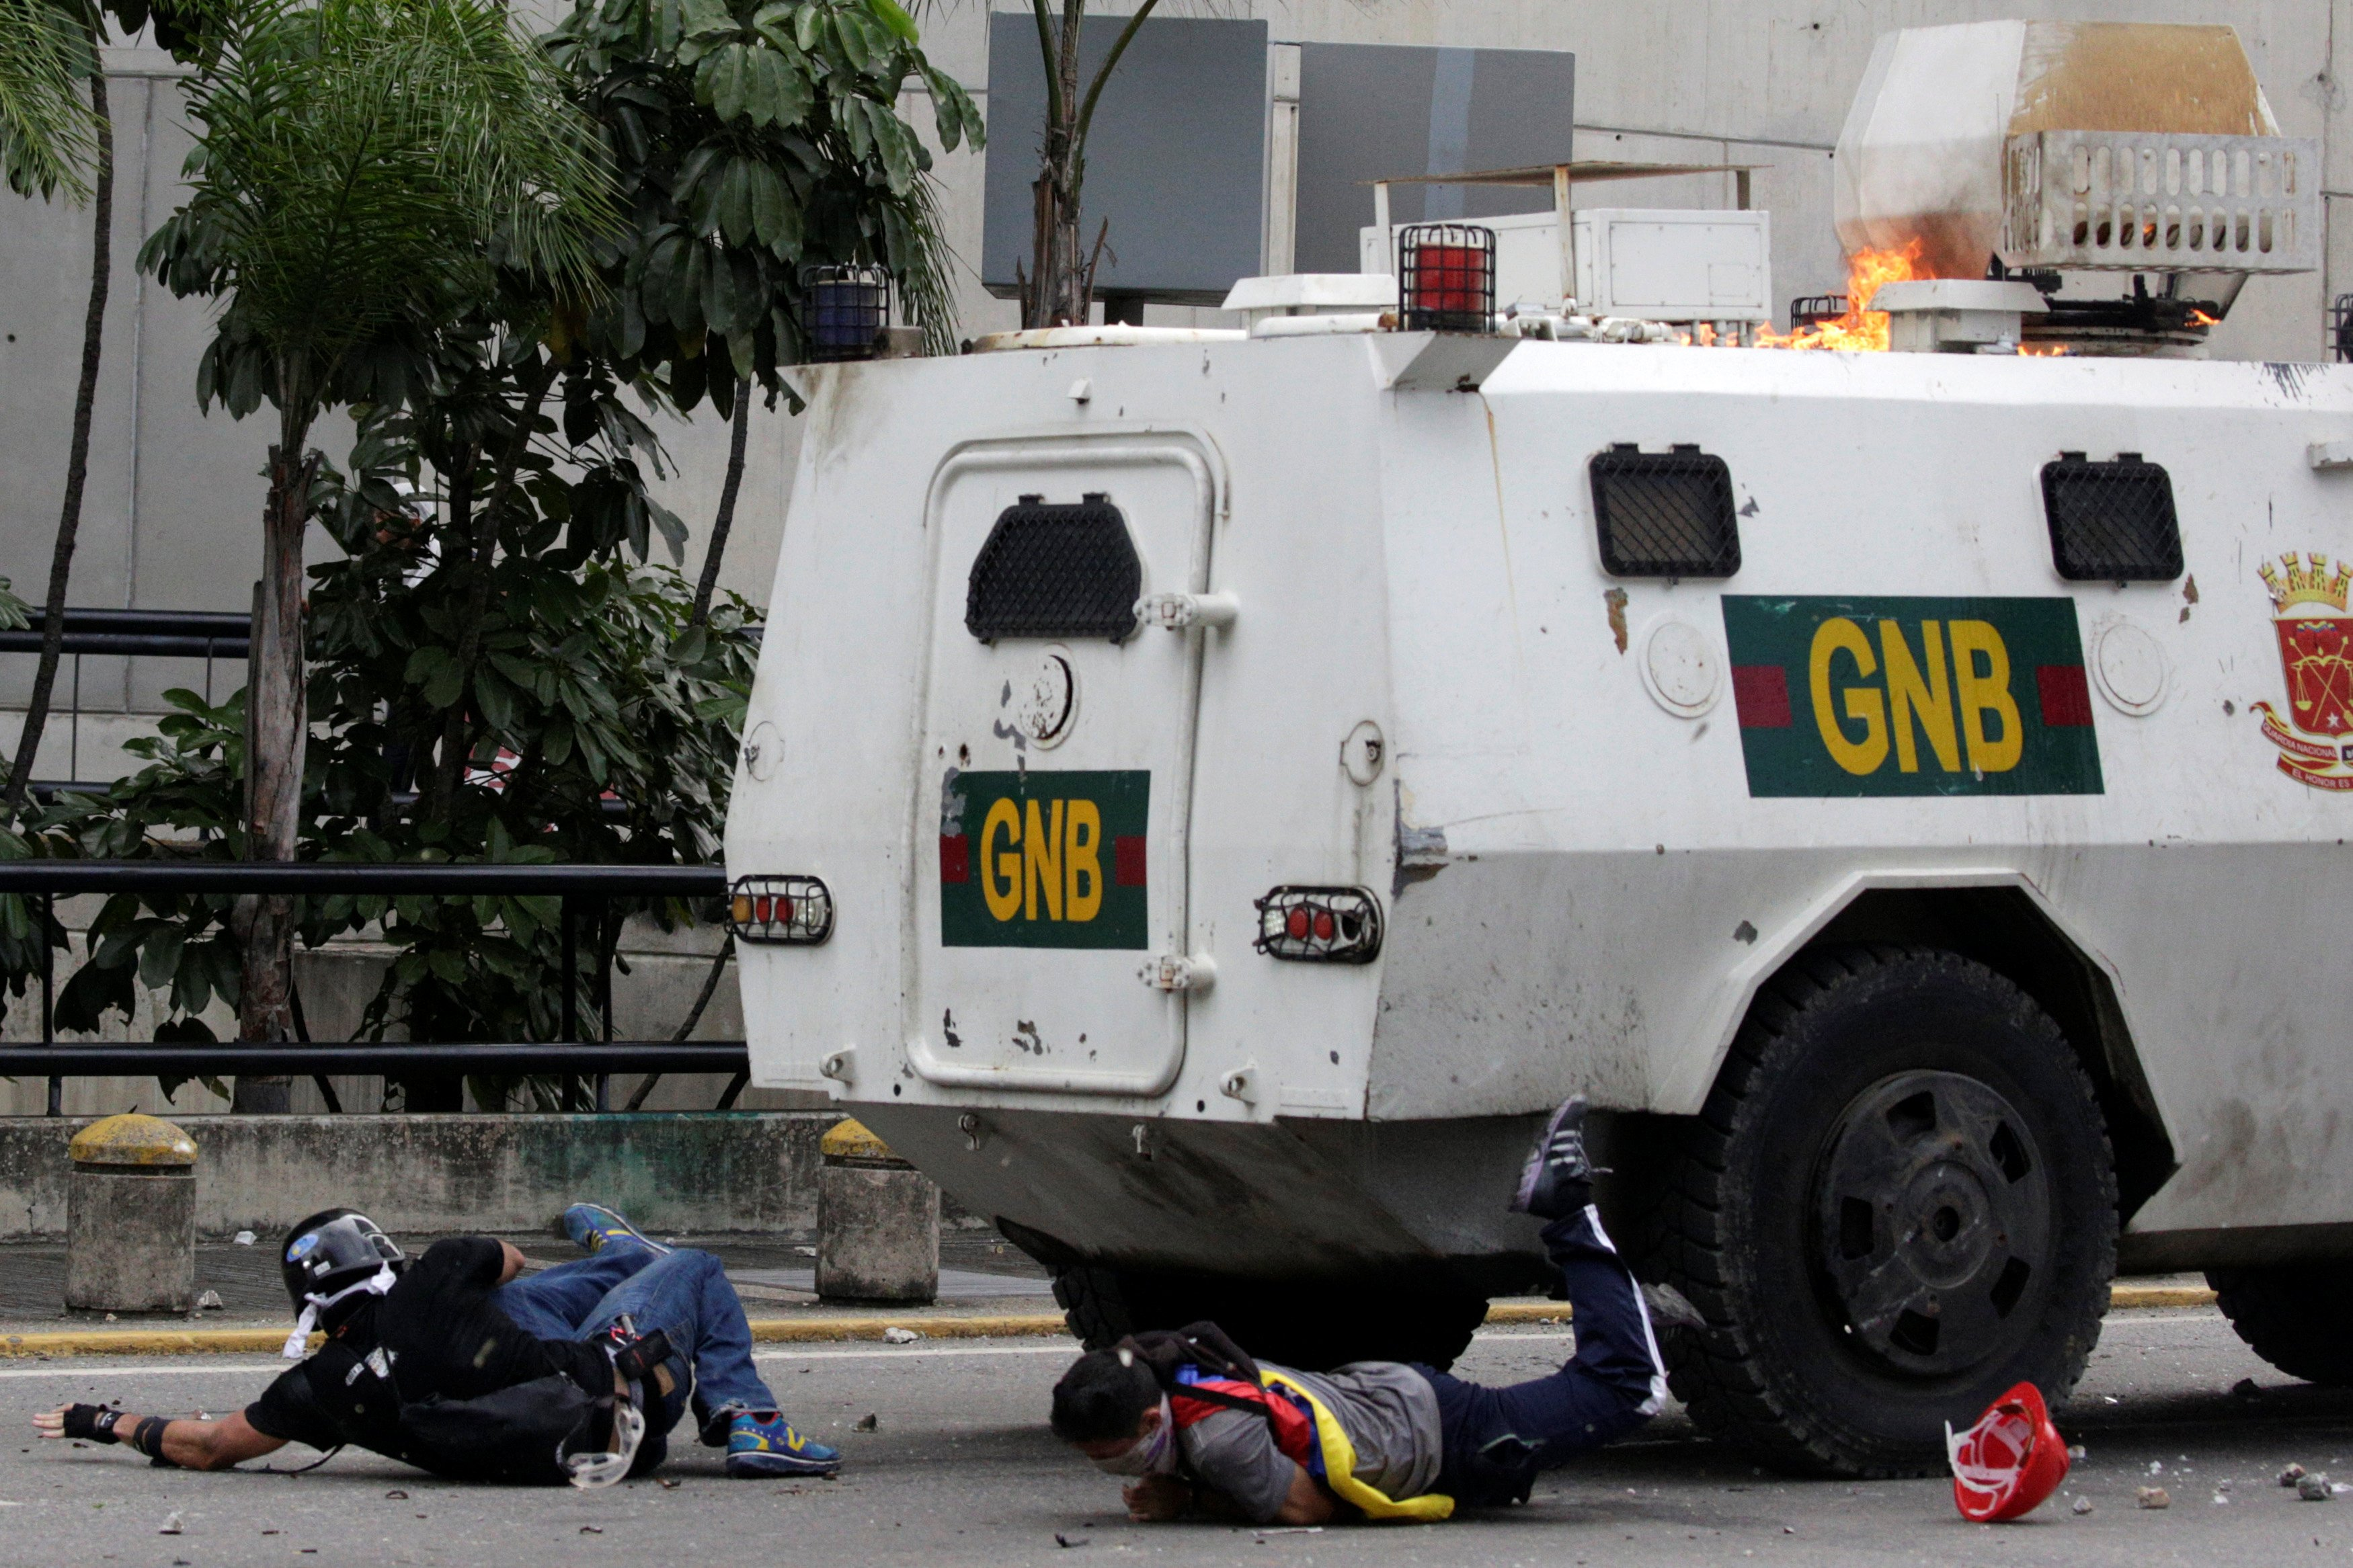 Tanqueta de la GN arremetió de manera ofensiva contra los manifestantes en Altamira. REUTERS/Marco Bello